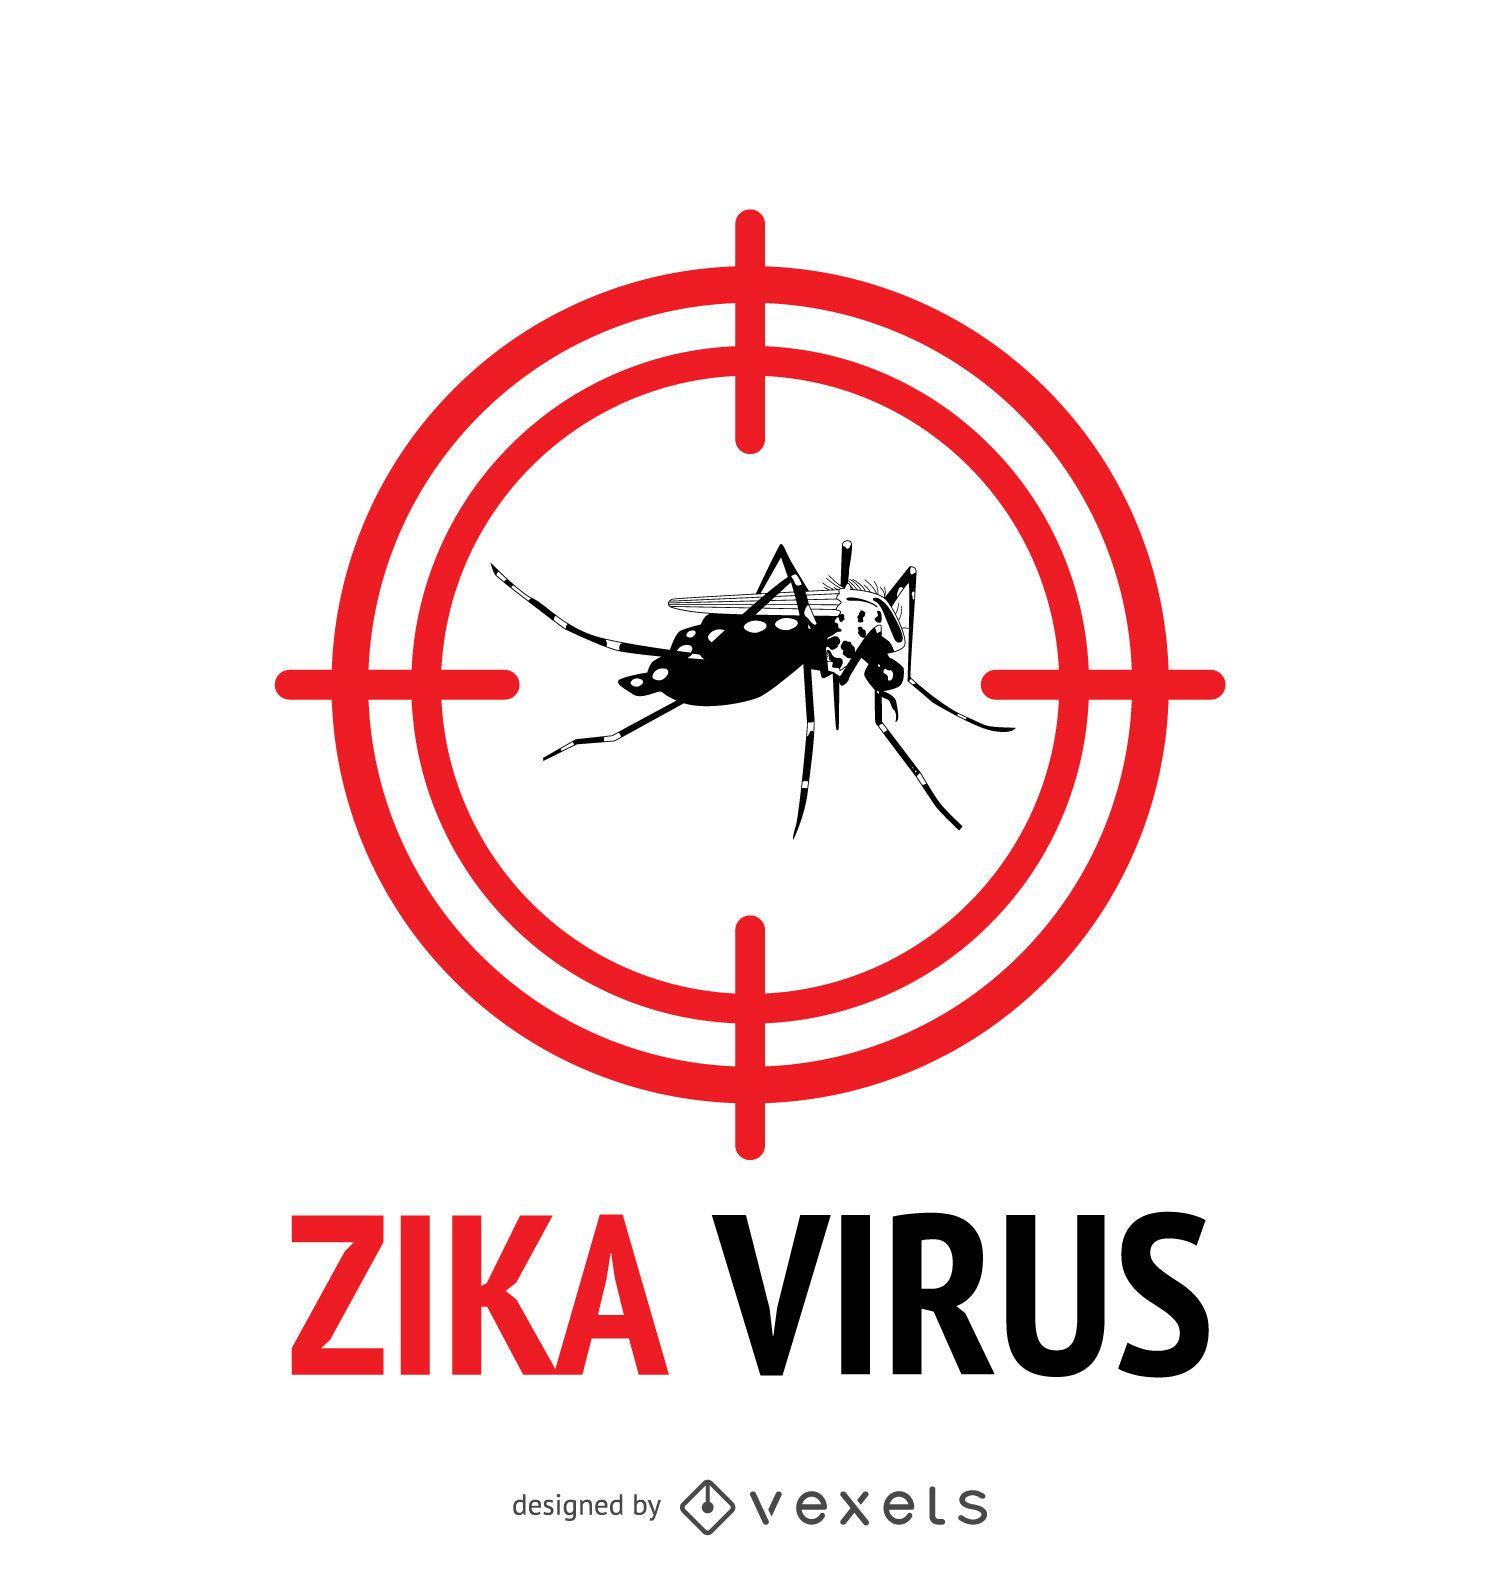 Alerta de virus Zika con